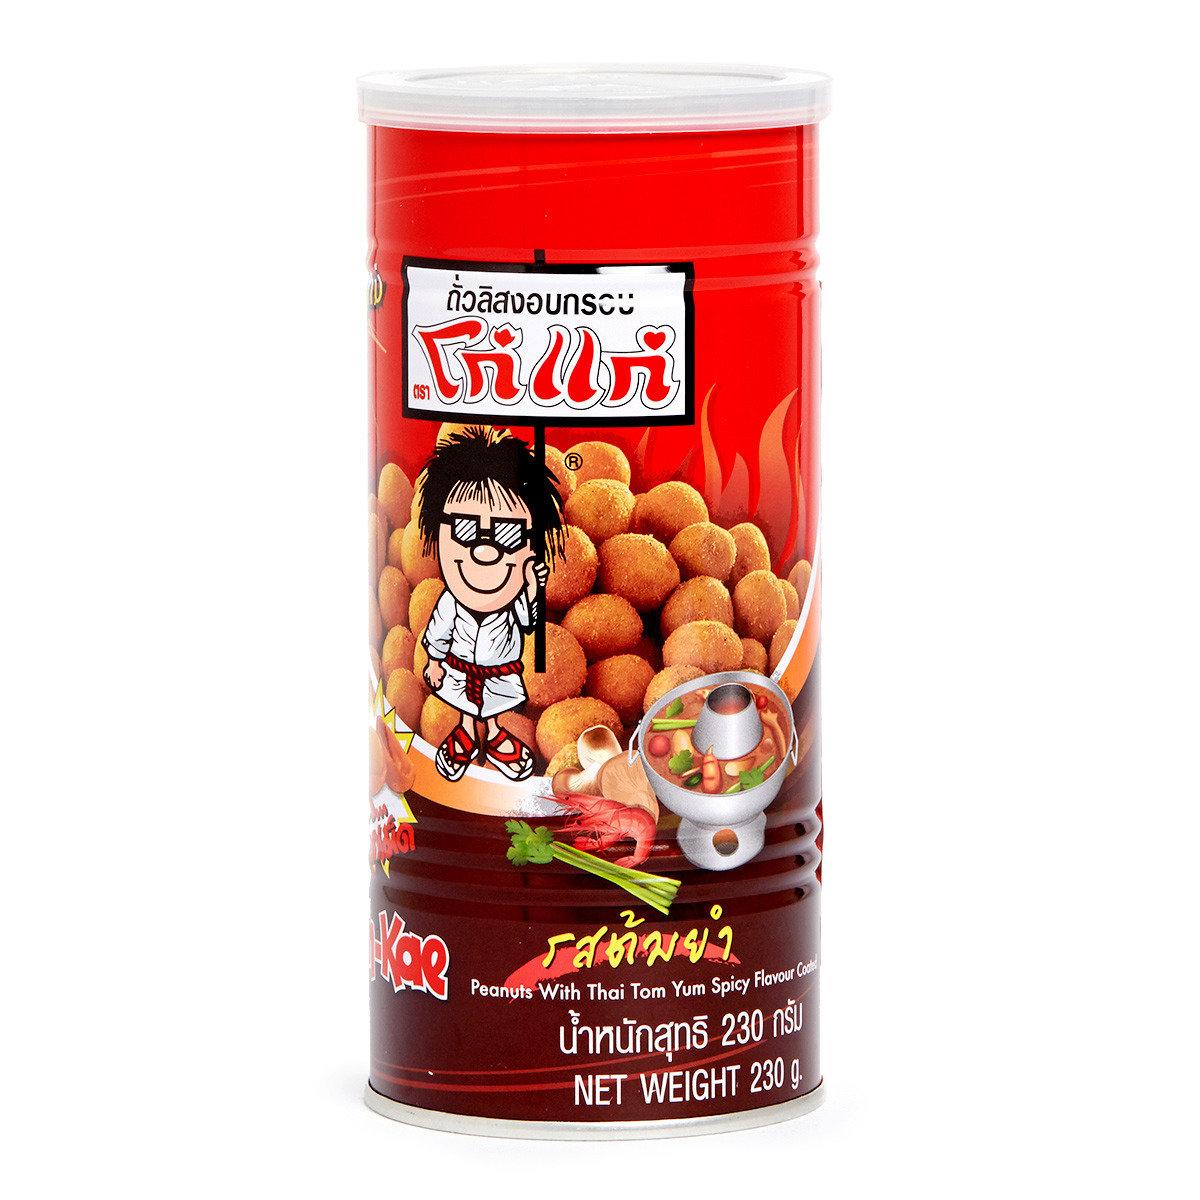 泰式酸辣味花生豆